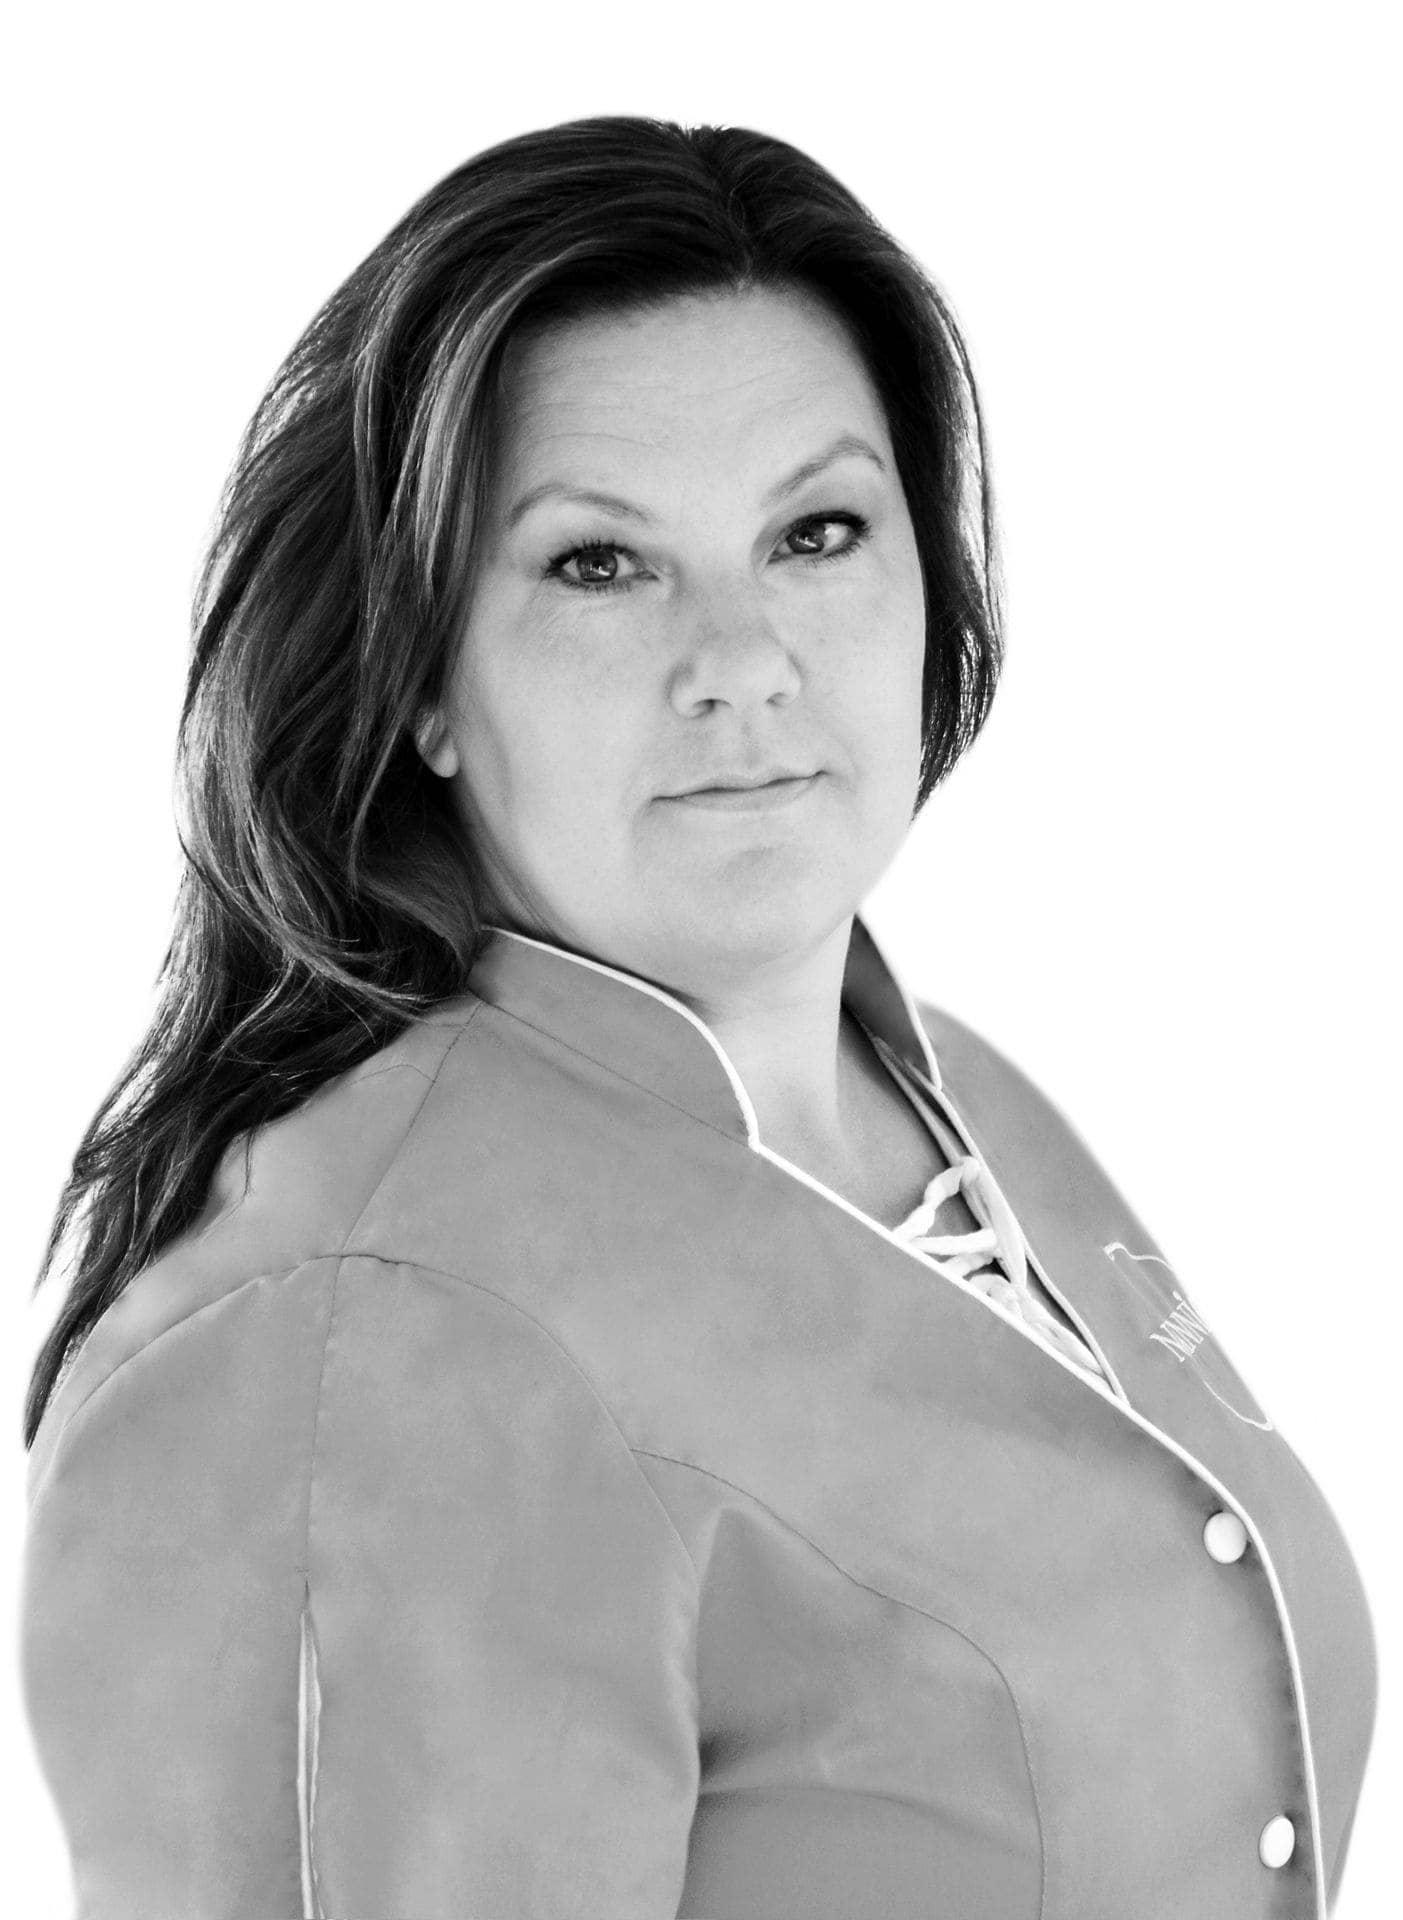 Karin Byrud